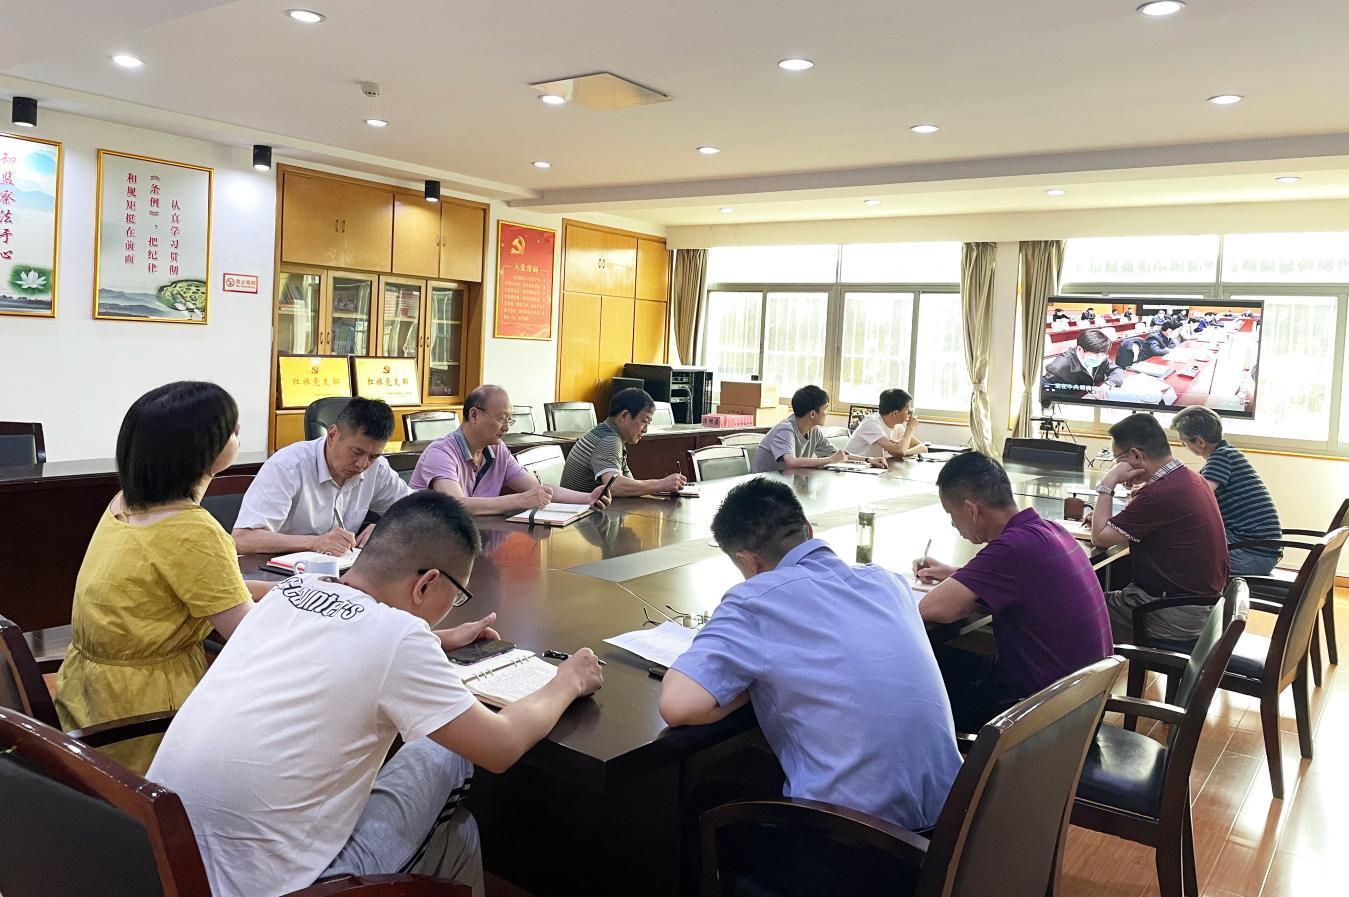 咸寧市住房公積金中心召開黨組理論學習中心組擴大學習